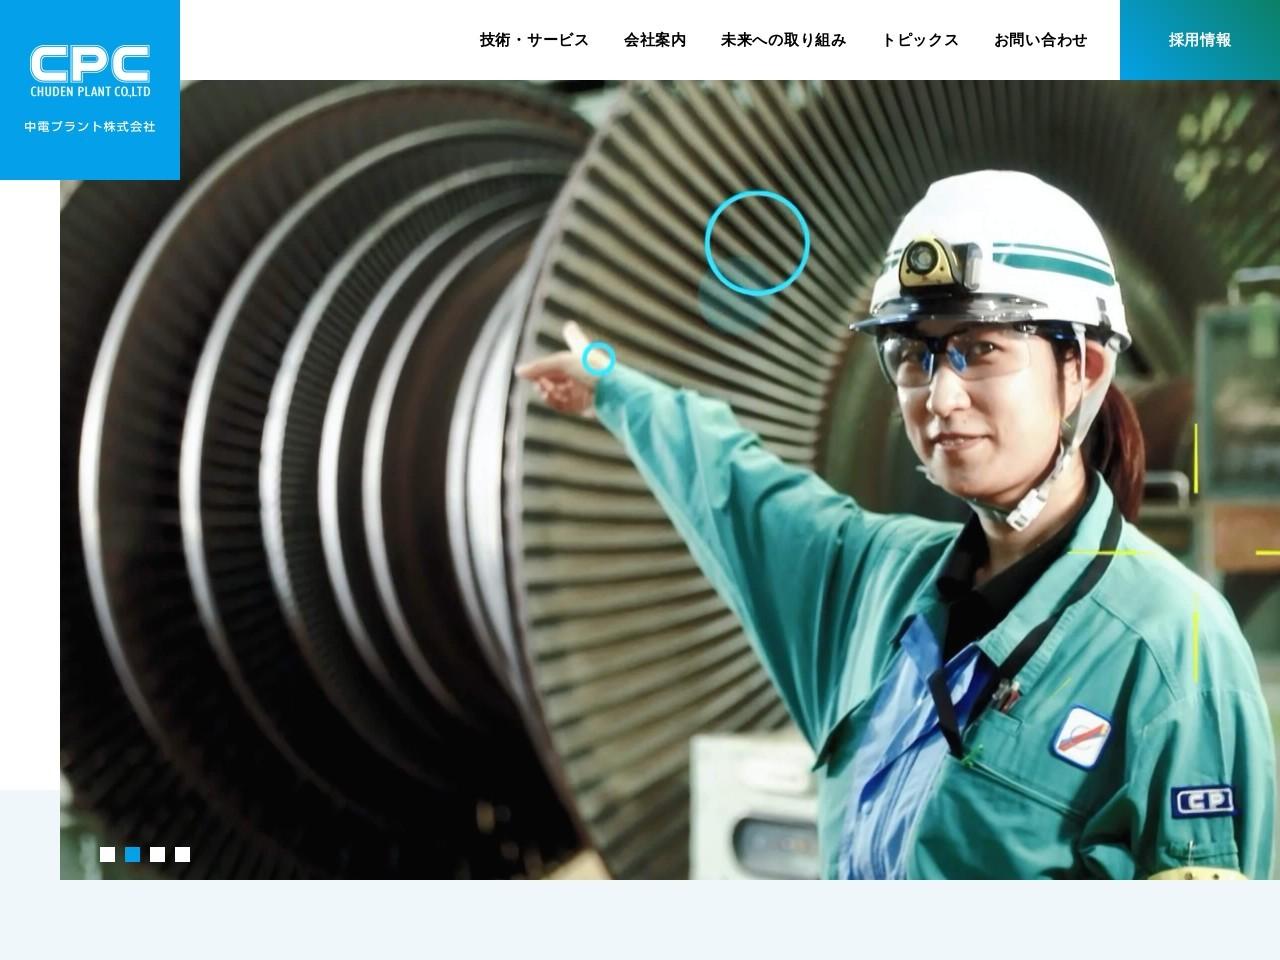 中電プラント株式会社/本社